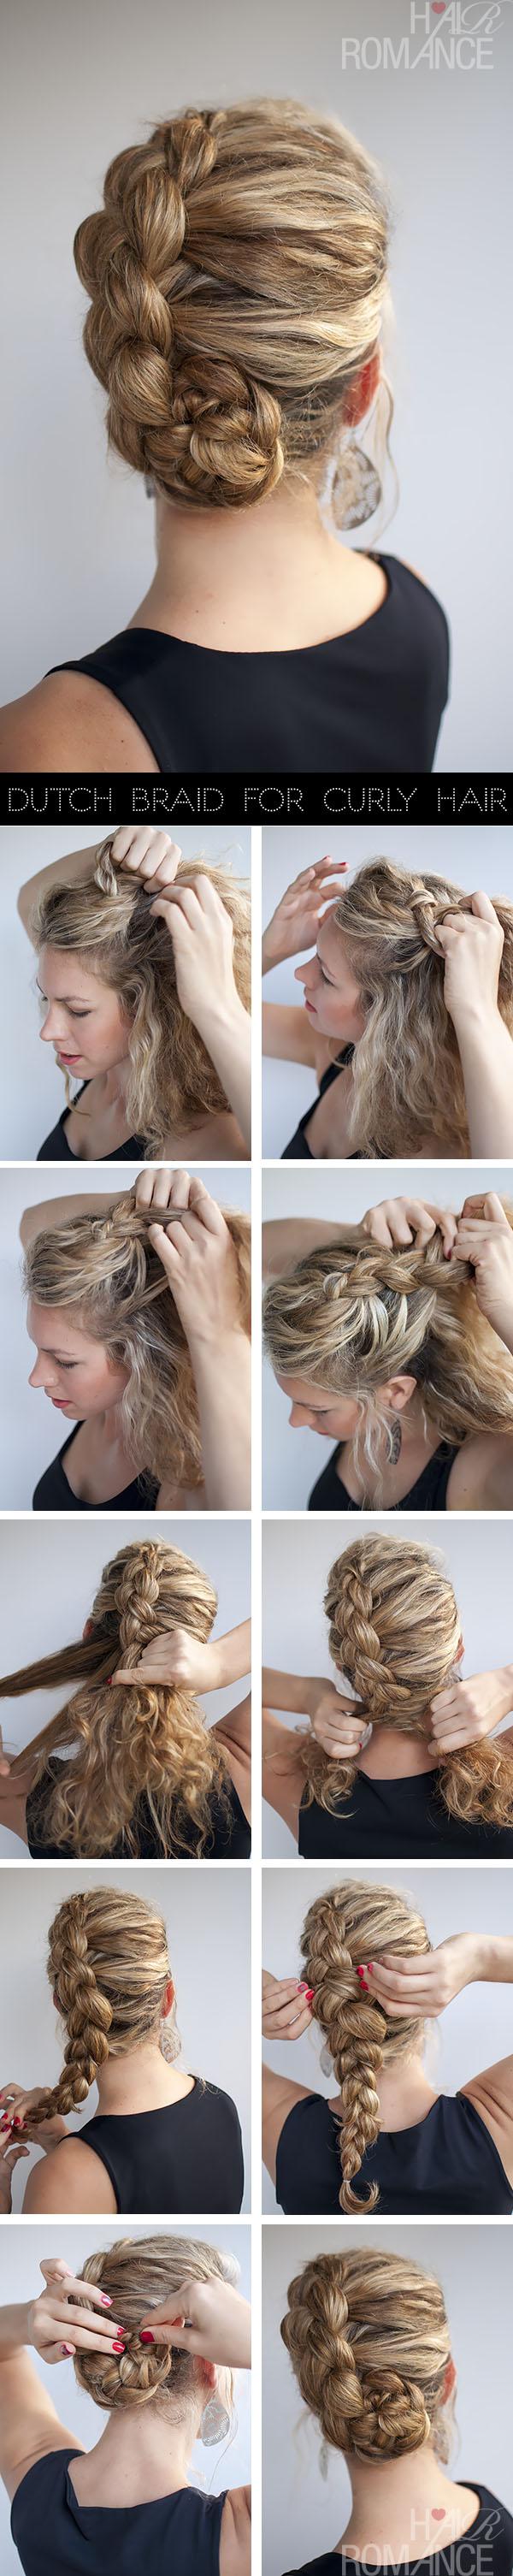 Hairstyle for curly hair: Dutch braid tutorial